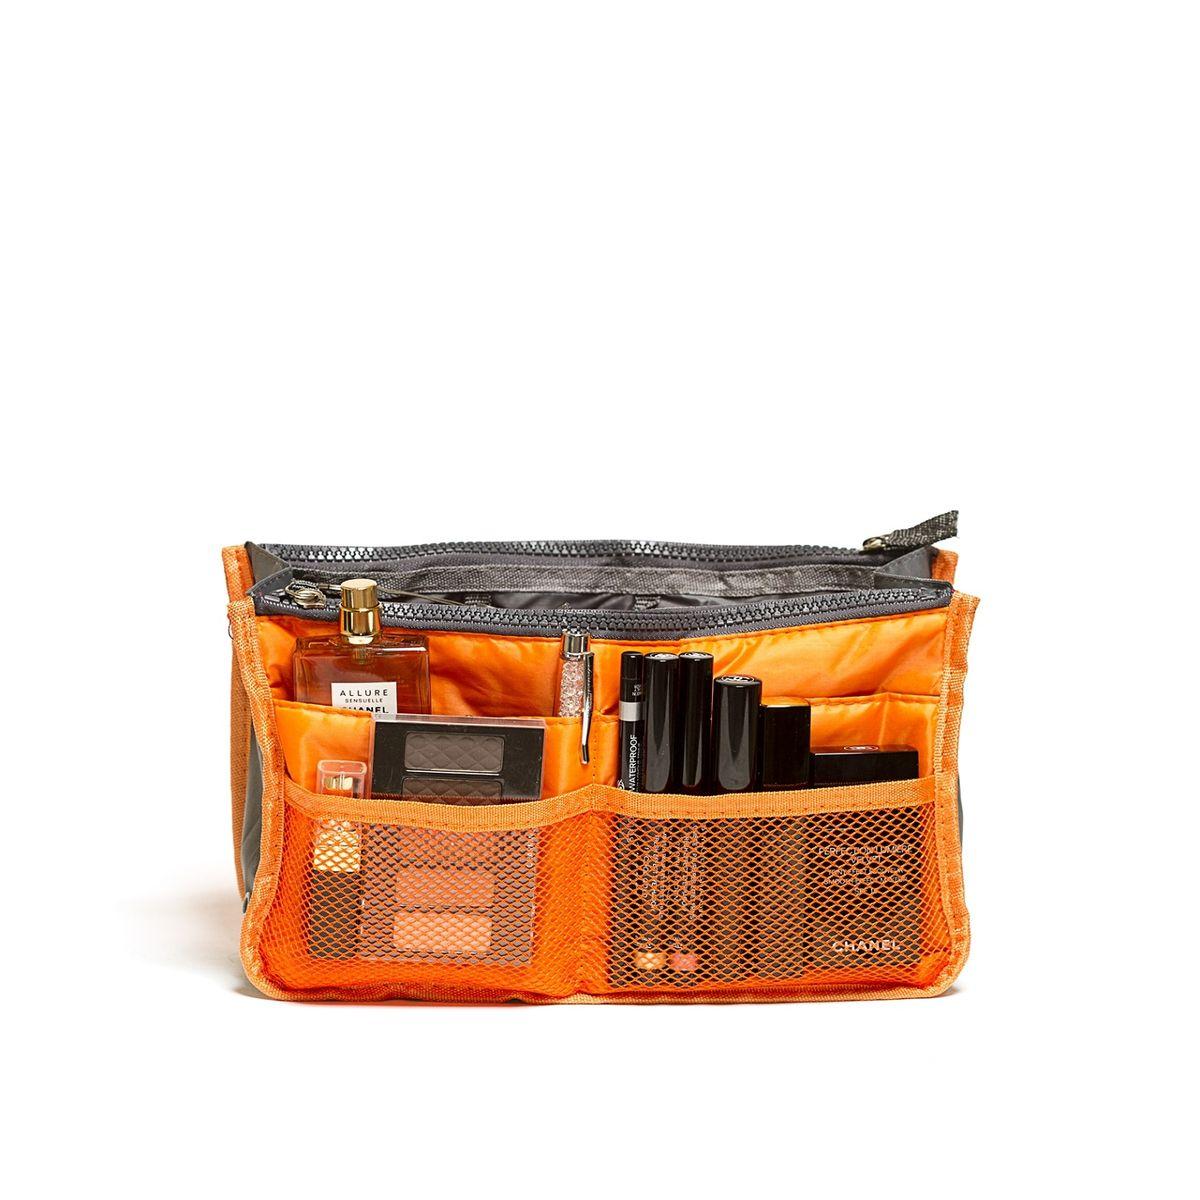 Органайзер для сумки Homsu, цвет: оранжевый, 30 x 8,5 x 18,5 смTD 0033Органайзер для сумки Homsu выполнен из полиэстера и текстиля. Этот органайзер для сумки имеет три вместительных отделениях для вещей, четыре кармашка по бокам и шесть кармашков в виде сетки. Такой органайзер обеспечит полный порядок в вашей сумке. Данный аксессуар обладает быстрой регулировкой толщины с помощью кнопок. Органайзер оснащен двумя крепкими ручками, что позволяет применять его и вне сумки.